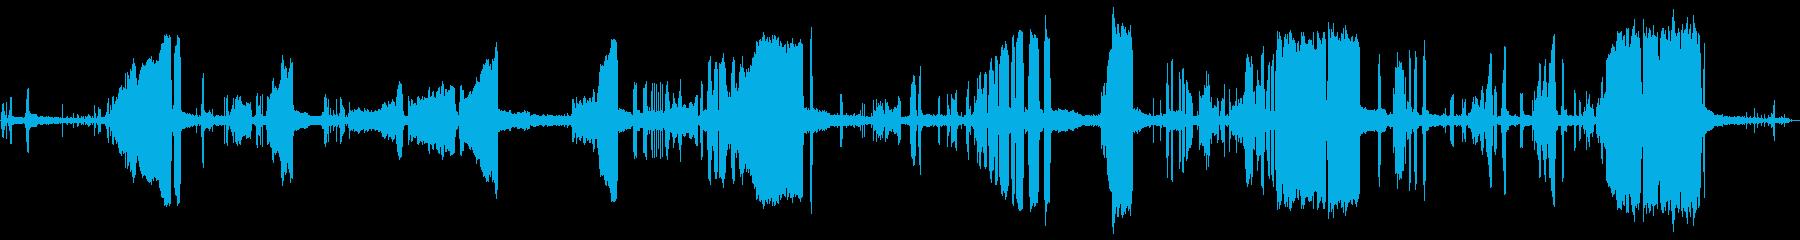 250 CCモトクロス:オンボード...の再生済みの波形